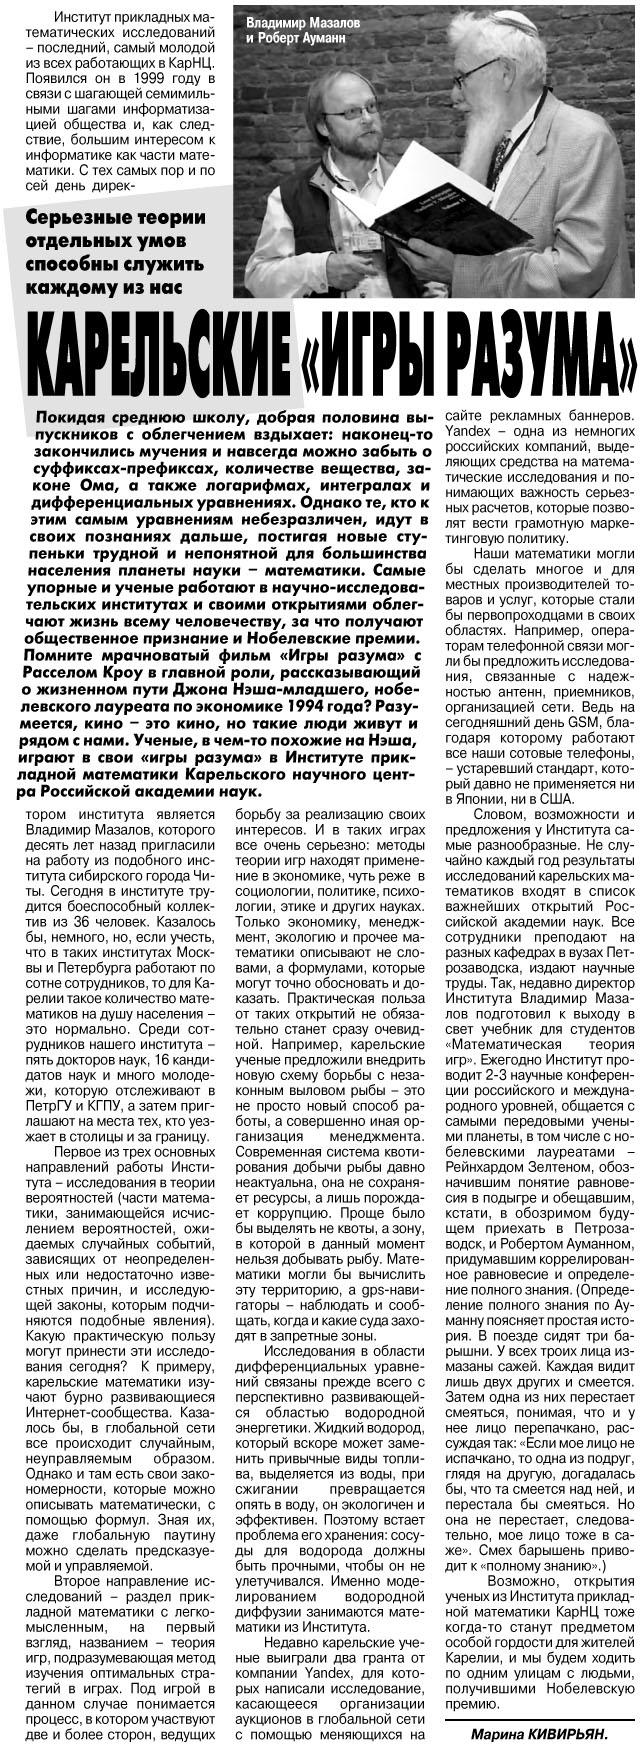 Интервью Мазалова в МК